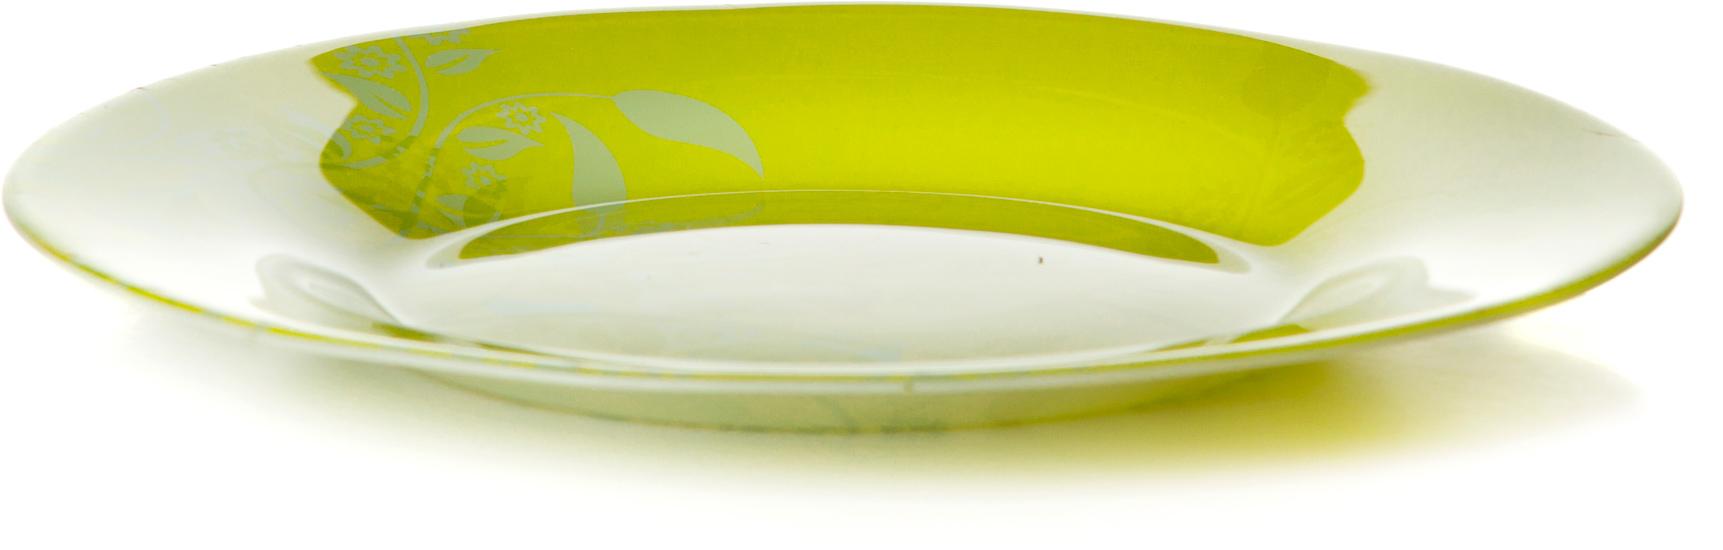 Тарелка Pasabahce Ясемин, цвет: зеленый, диаметр 19,5 см10327SLBYТарелка десертная из закал. стекла d=195 мм (ветки на зеленом фоне)